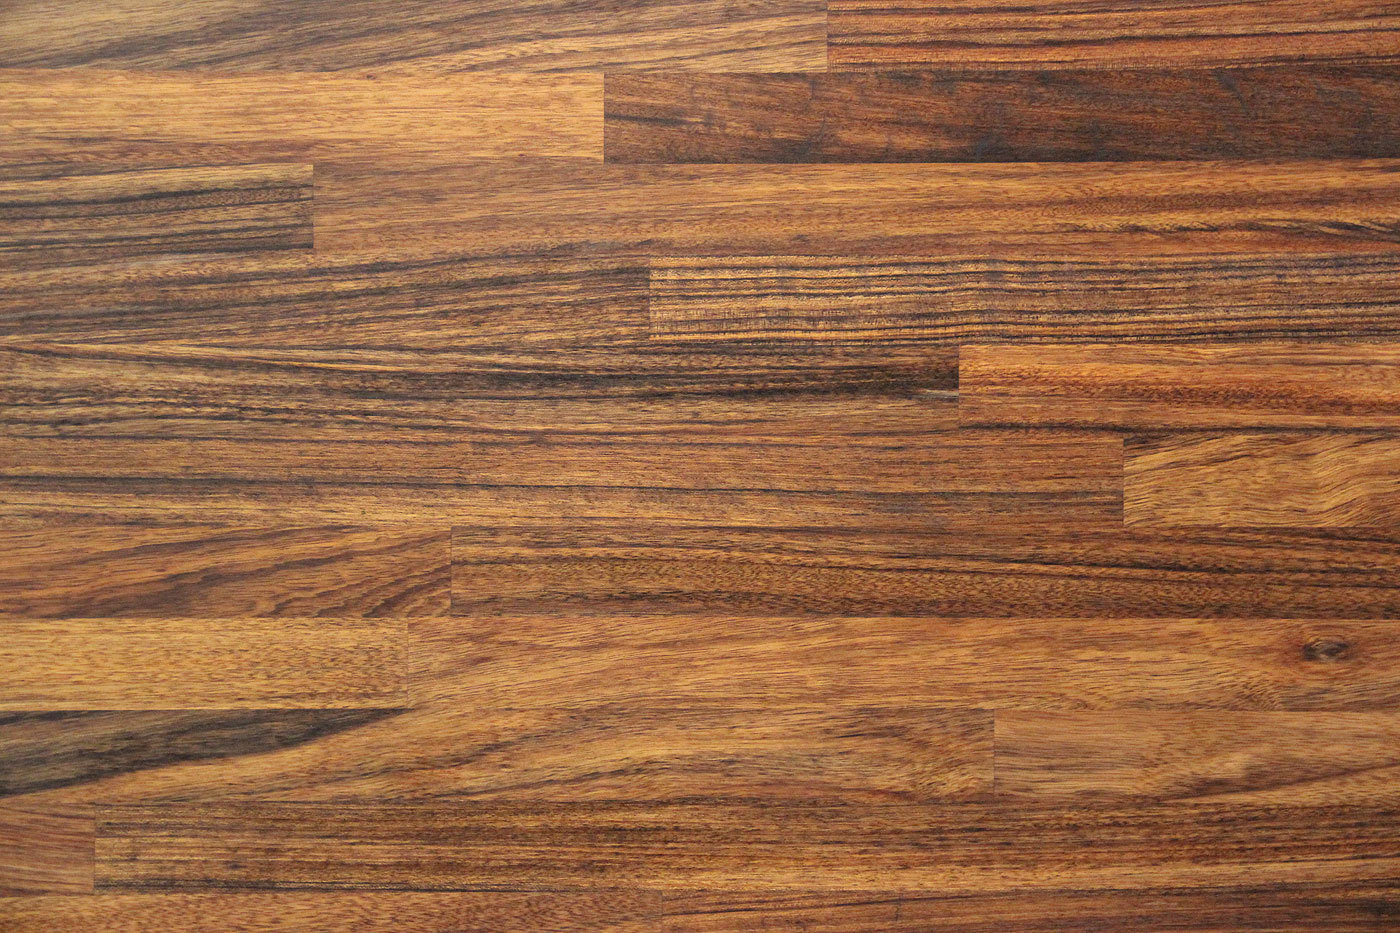 arbeitsplatte k chenarbeitsplatte massivholz ovengkol amazakoue 40 3050 650. Black Bedroom Furniture Sets. Home Design Ideas